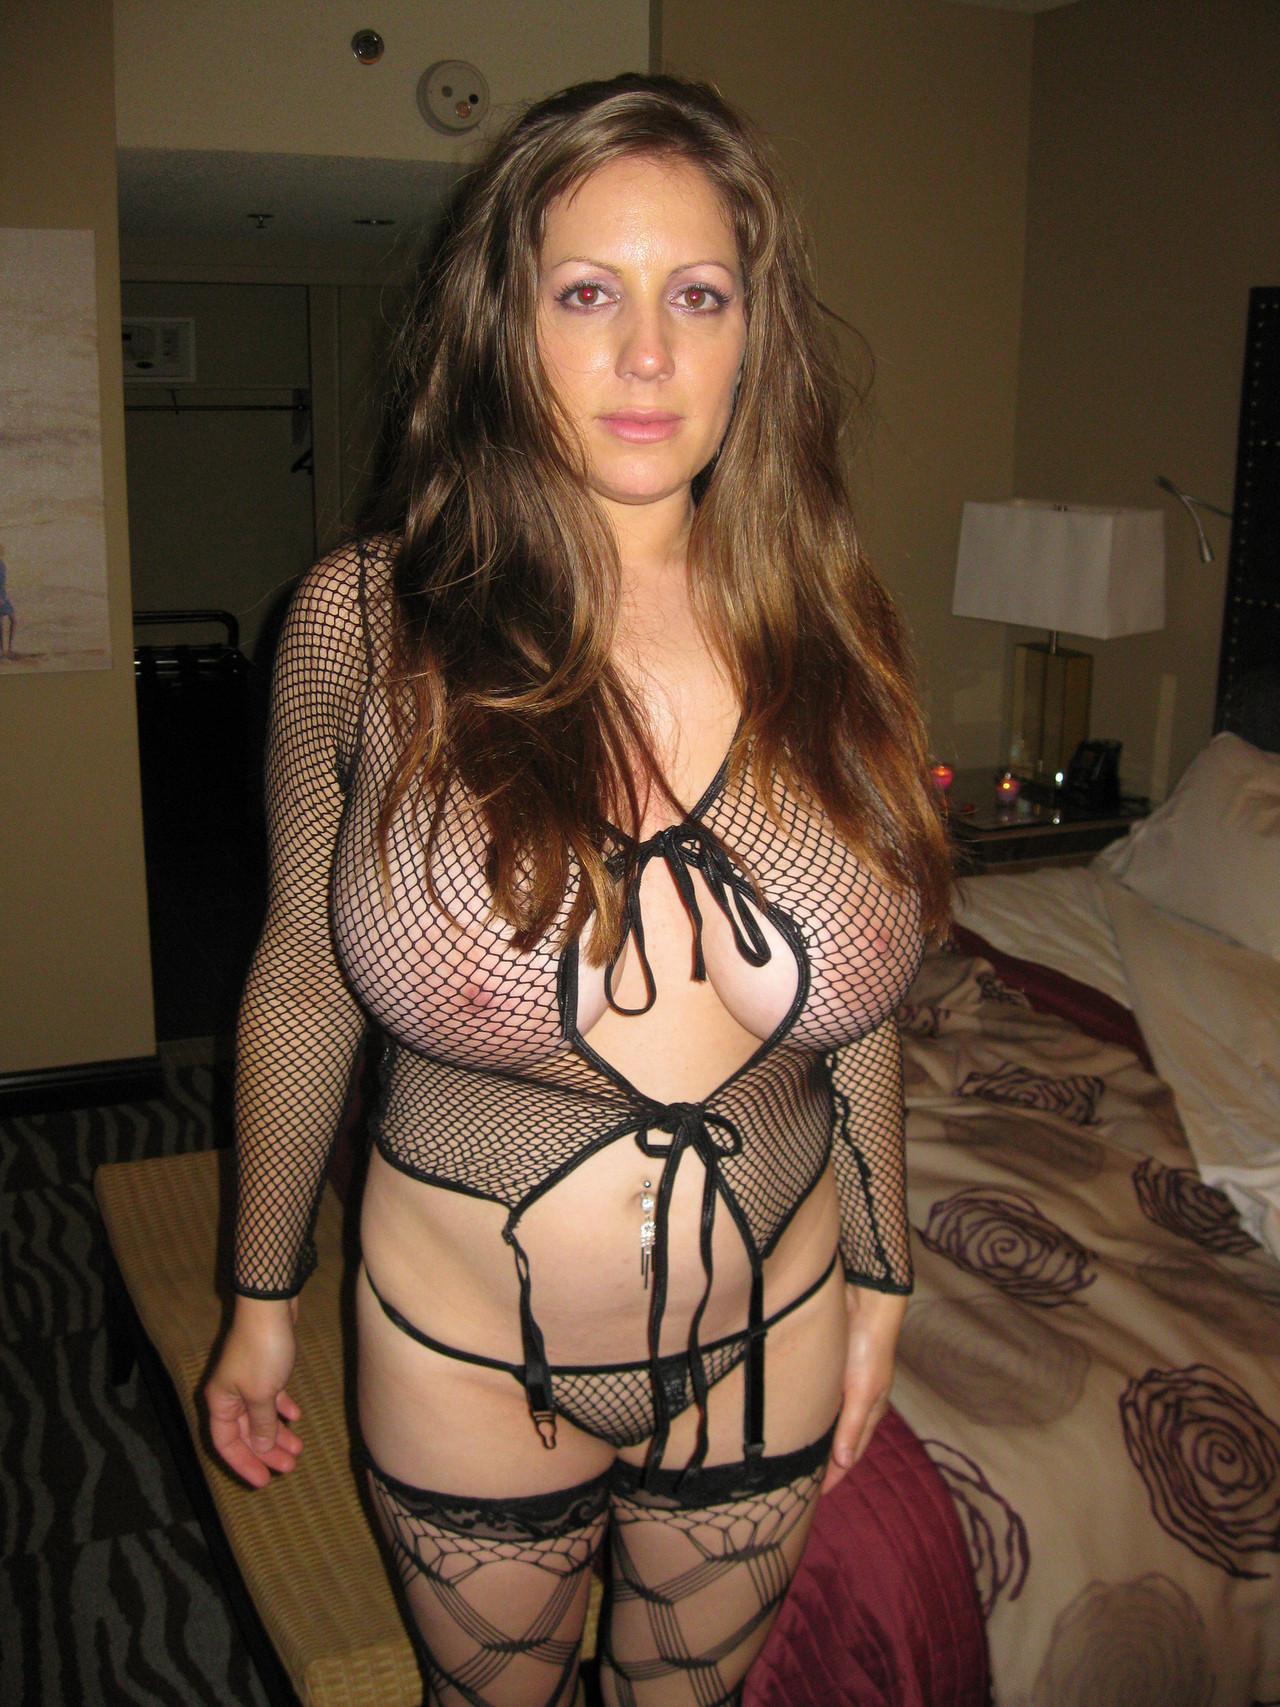 Телка с большими грудями порно фото 25 фотография